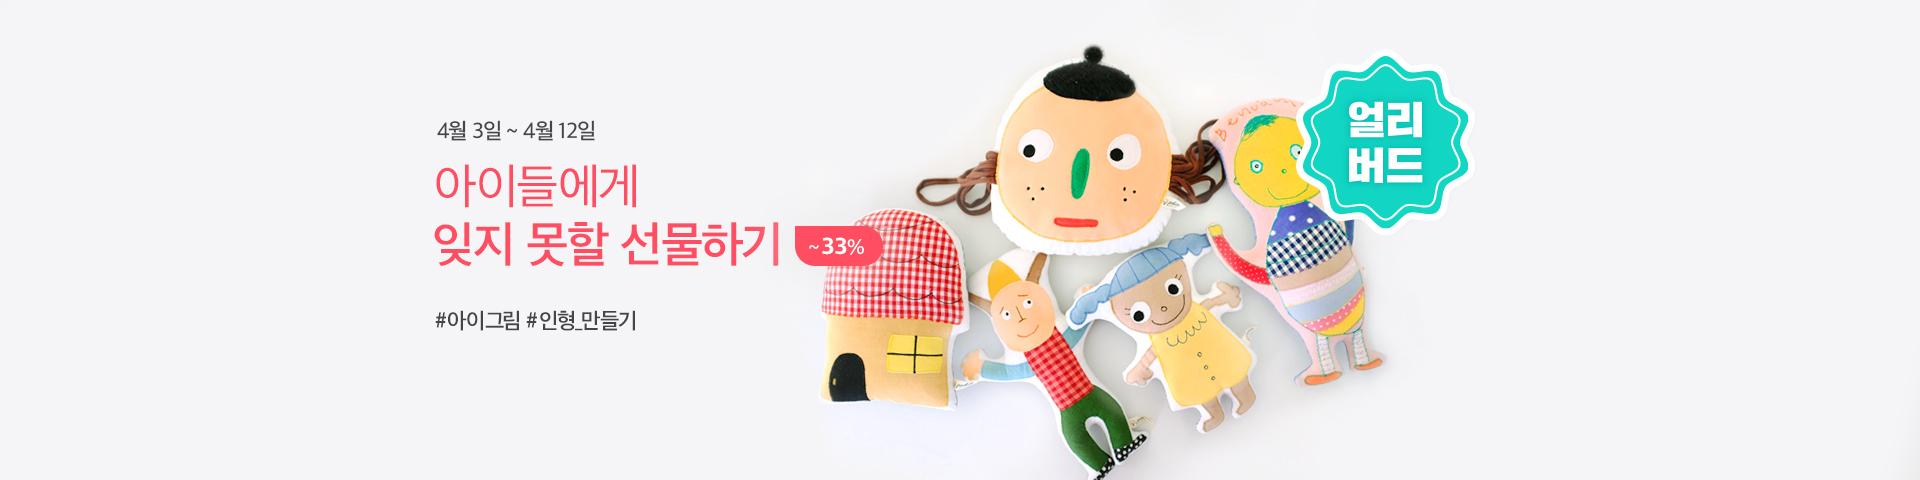 [얼리버드] 포쉐뜨